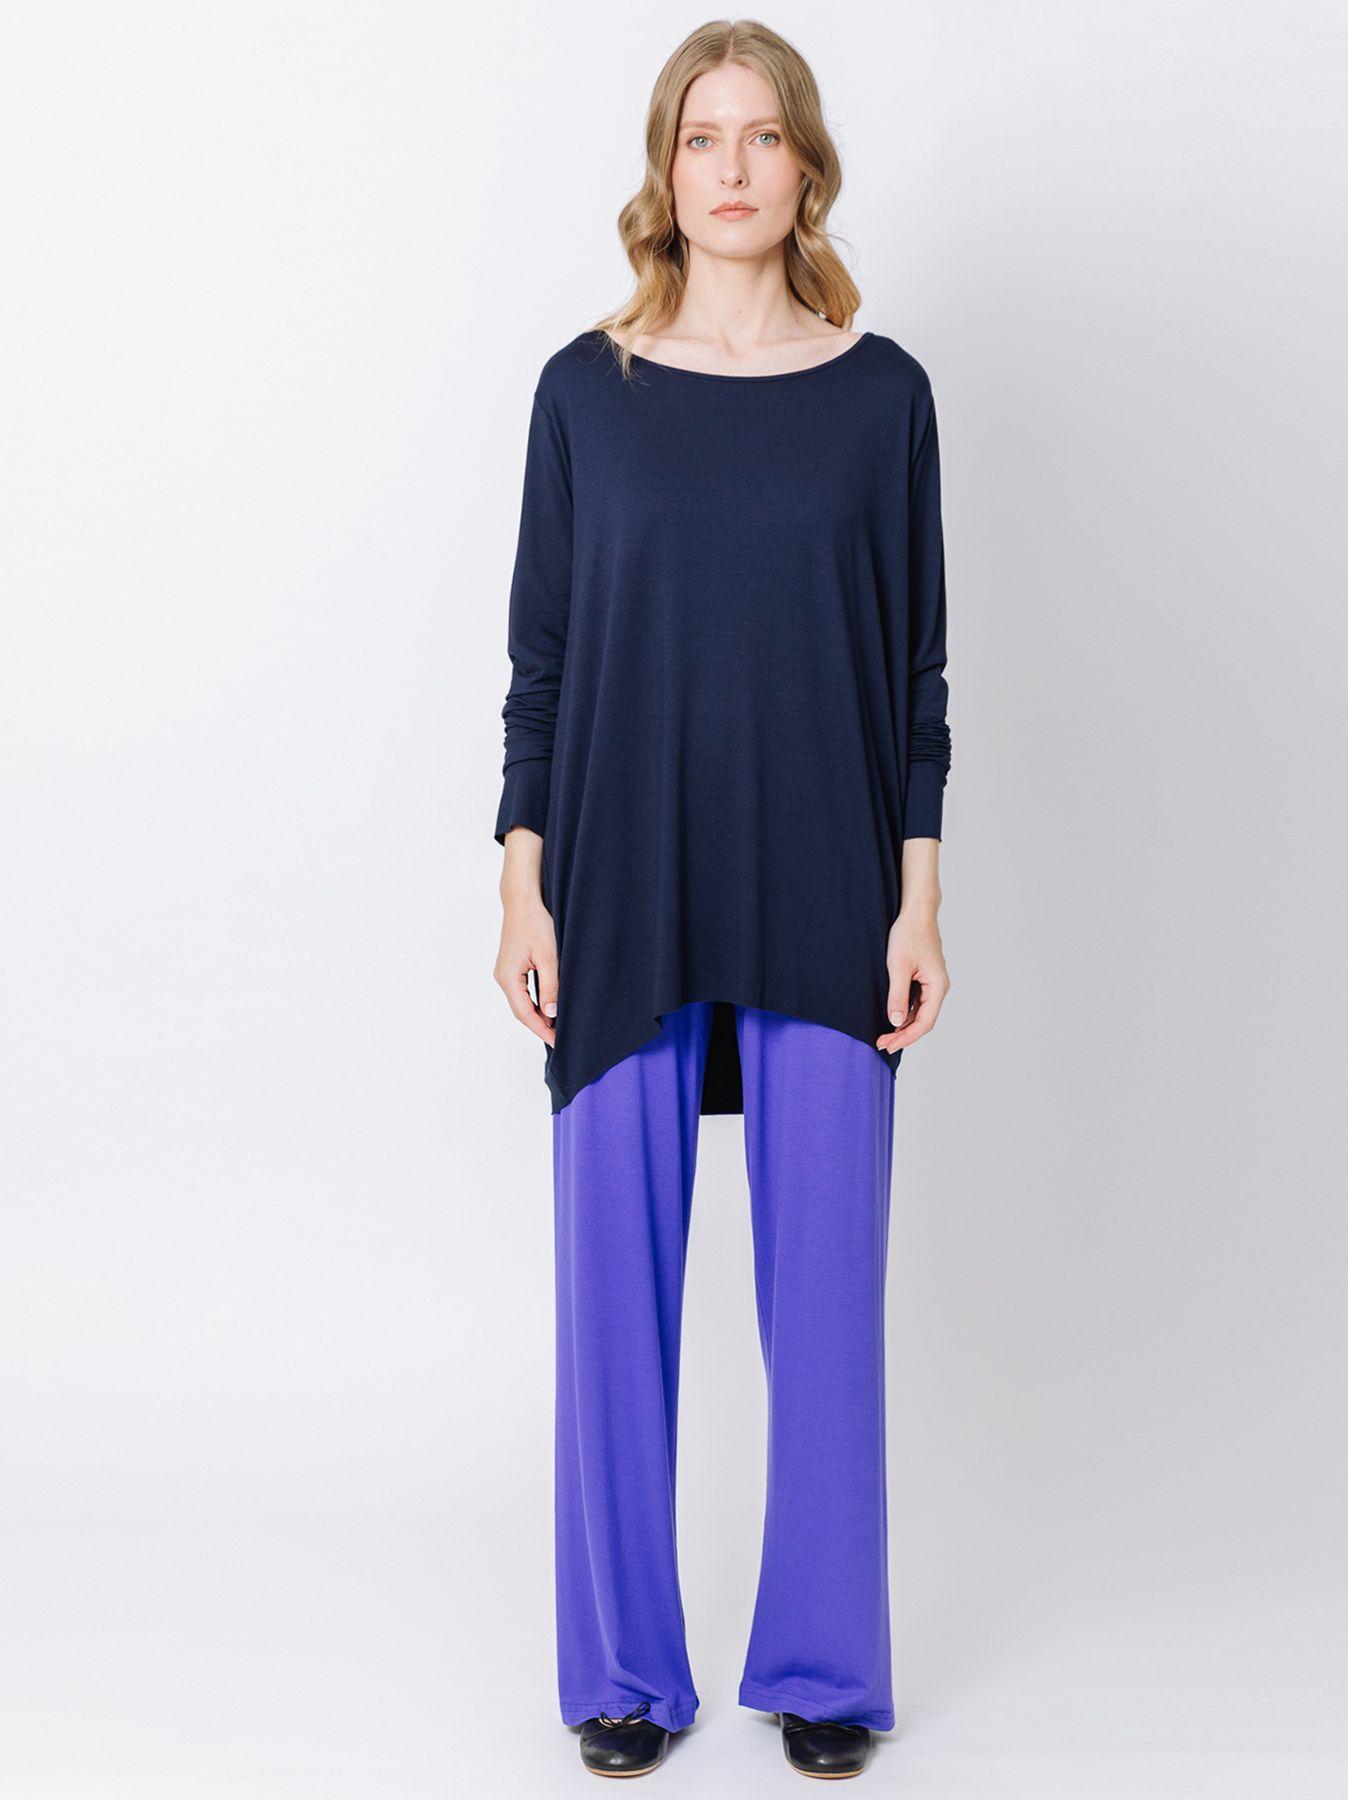 T-shirt ovetto BLU maniche lunghe